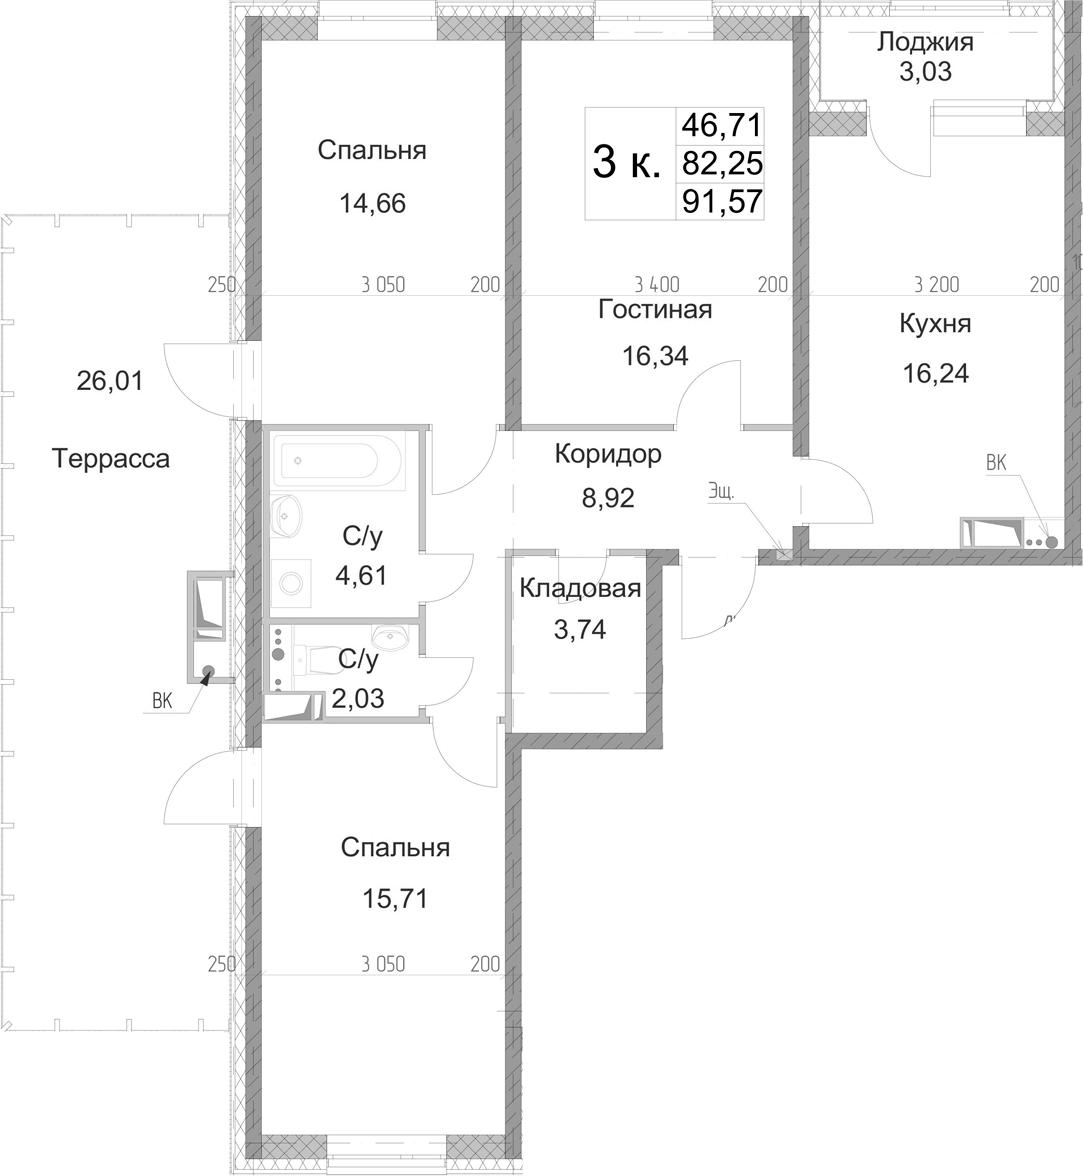 3-к.кв, 91.57 м², 9 этаж